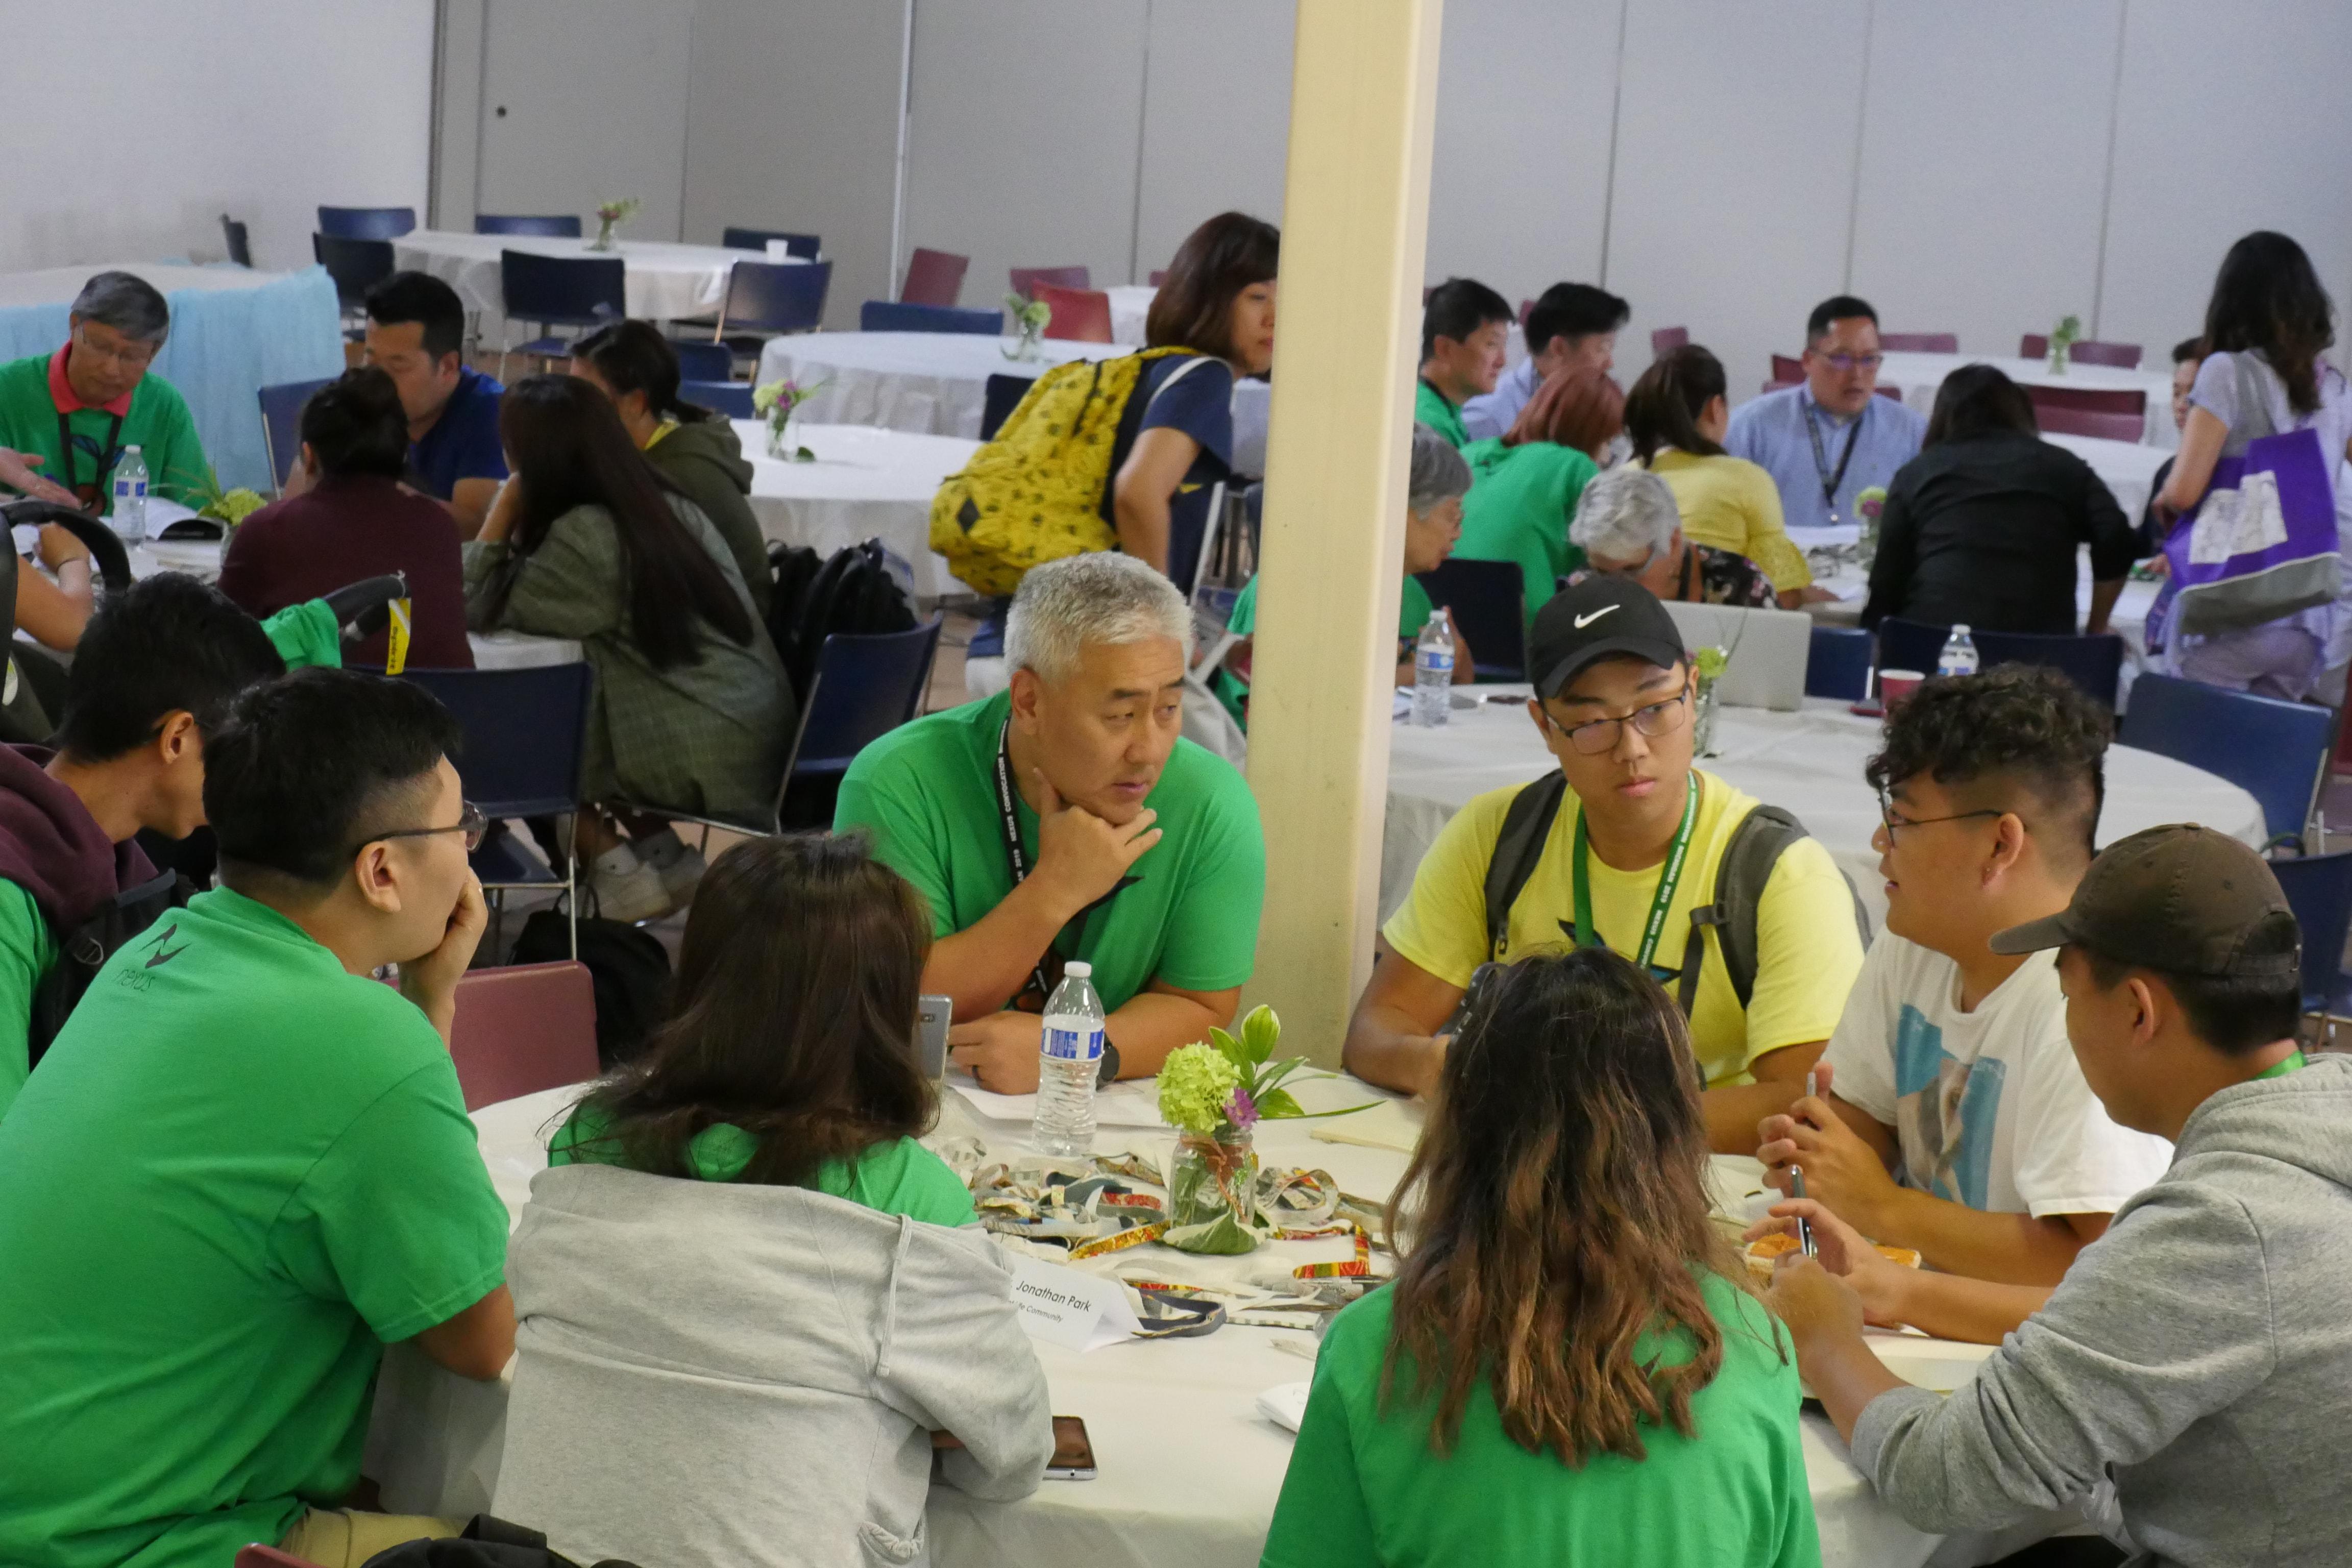 8월 7-10일 미시간주 디트로이트에서 열린 NEXUS 전국대회에 참여한 사람들이 토론하고 있다. 사진제공 NEXUS.